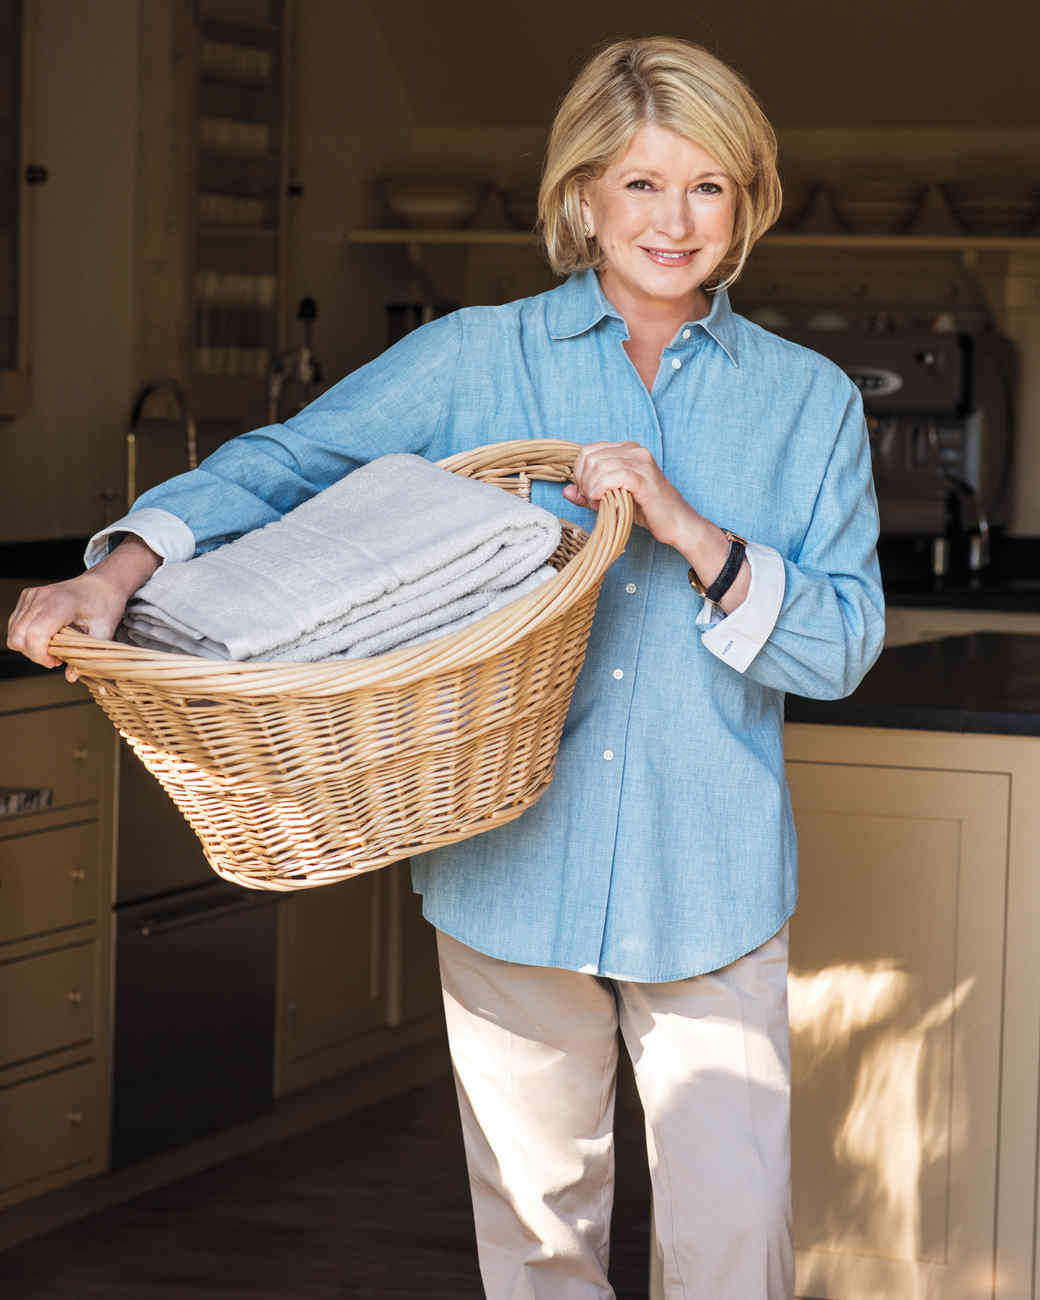 laundry-martha-046-md110733.jpg